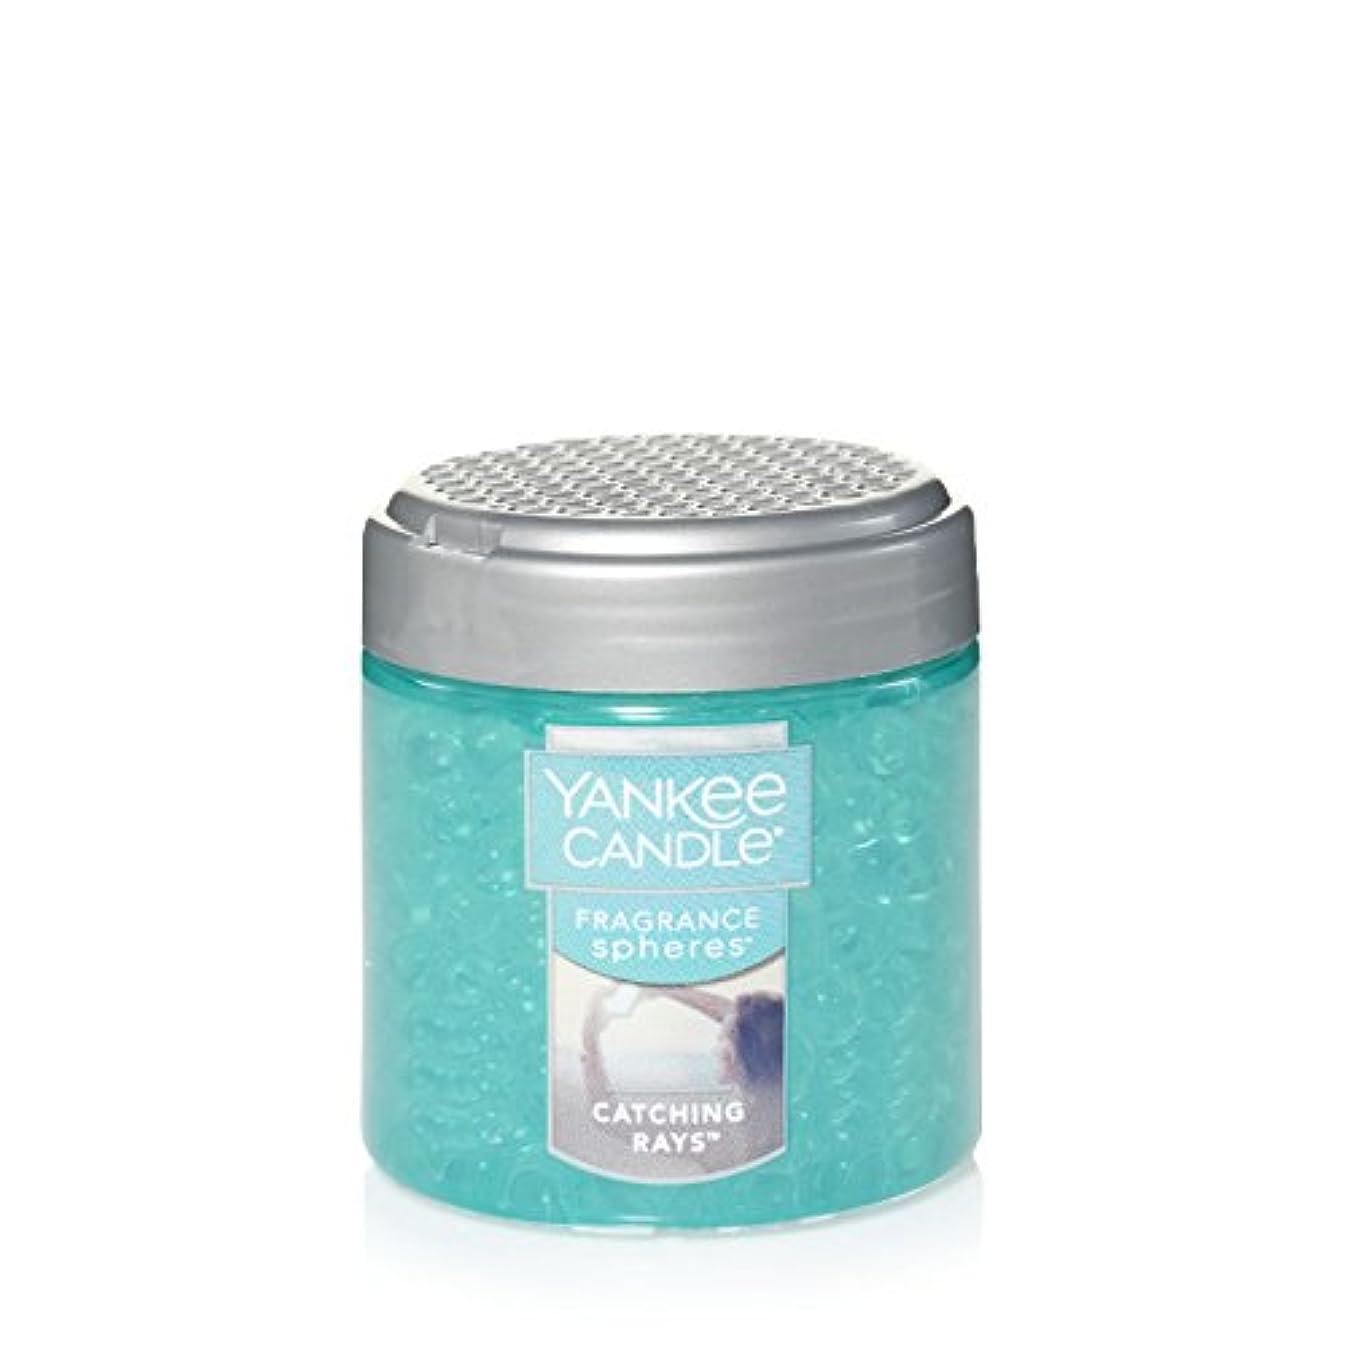 フォージボーナス開発する(ヤンキーキャンドル) Yankee Candle Lサイズ ジャーキャンドル Fragrance Spheres 1547233